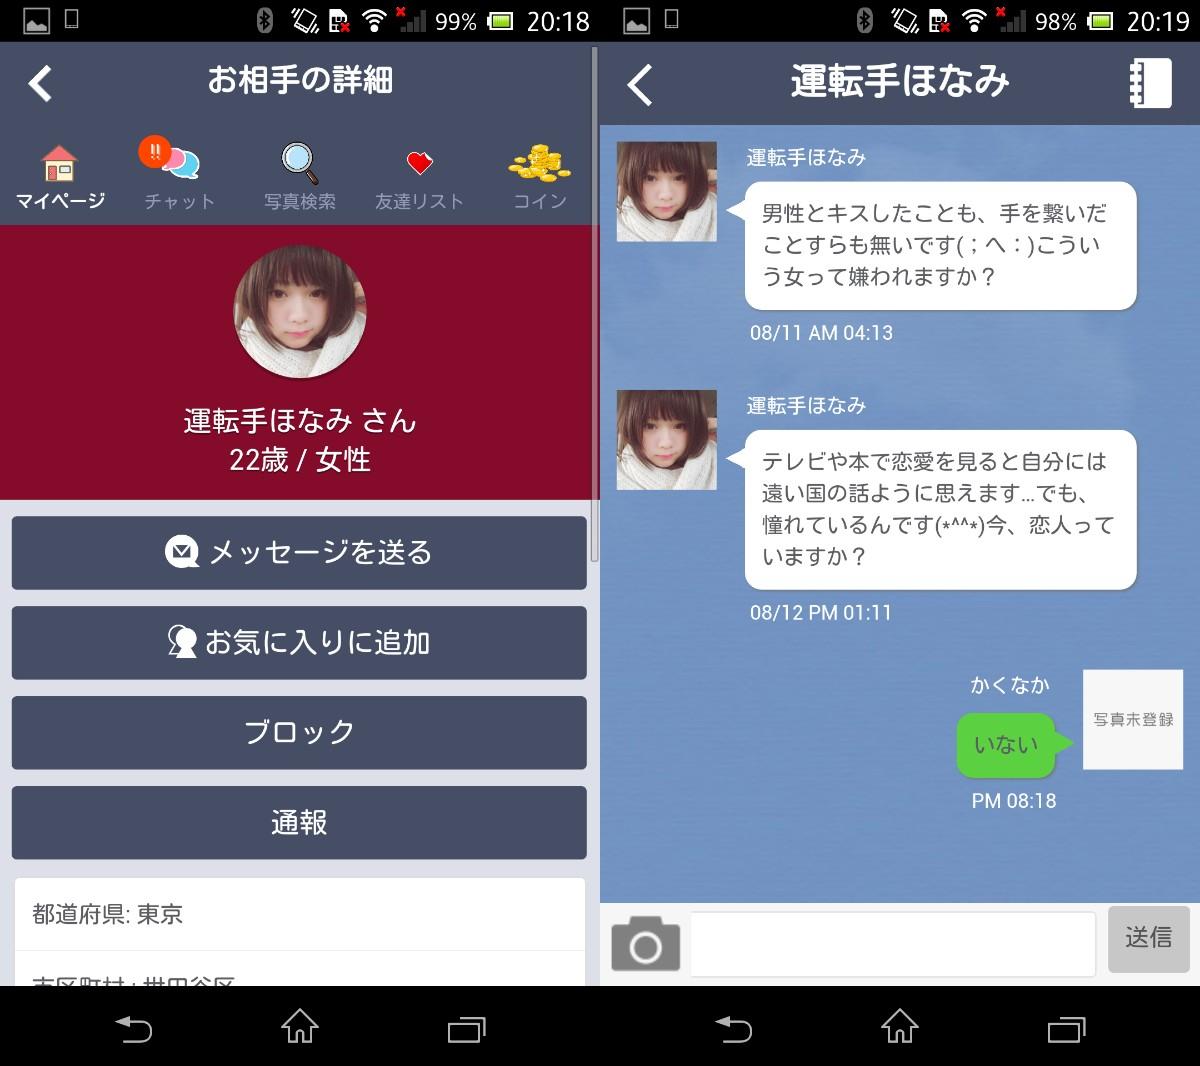 出会いにチャット&掲示板アプリ「友恋」無料登録の出会系アプリサクラの運転手ほなみ